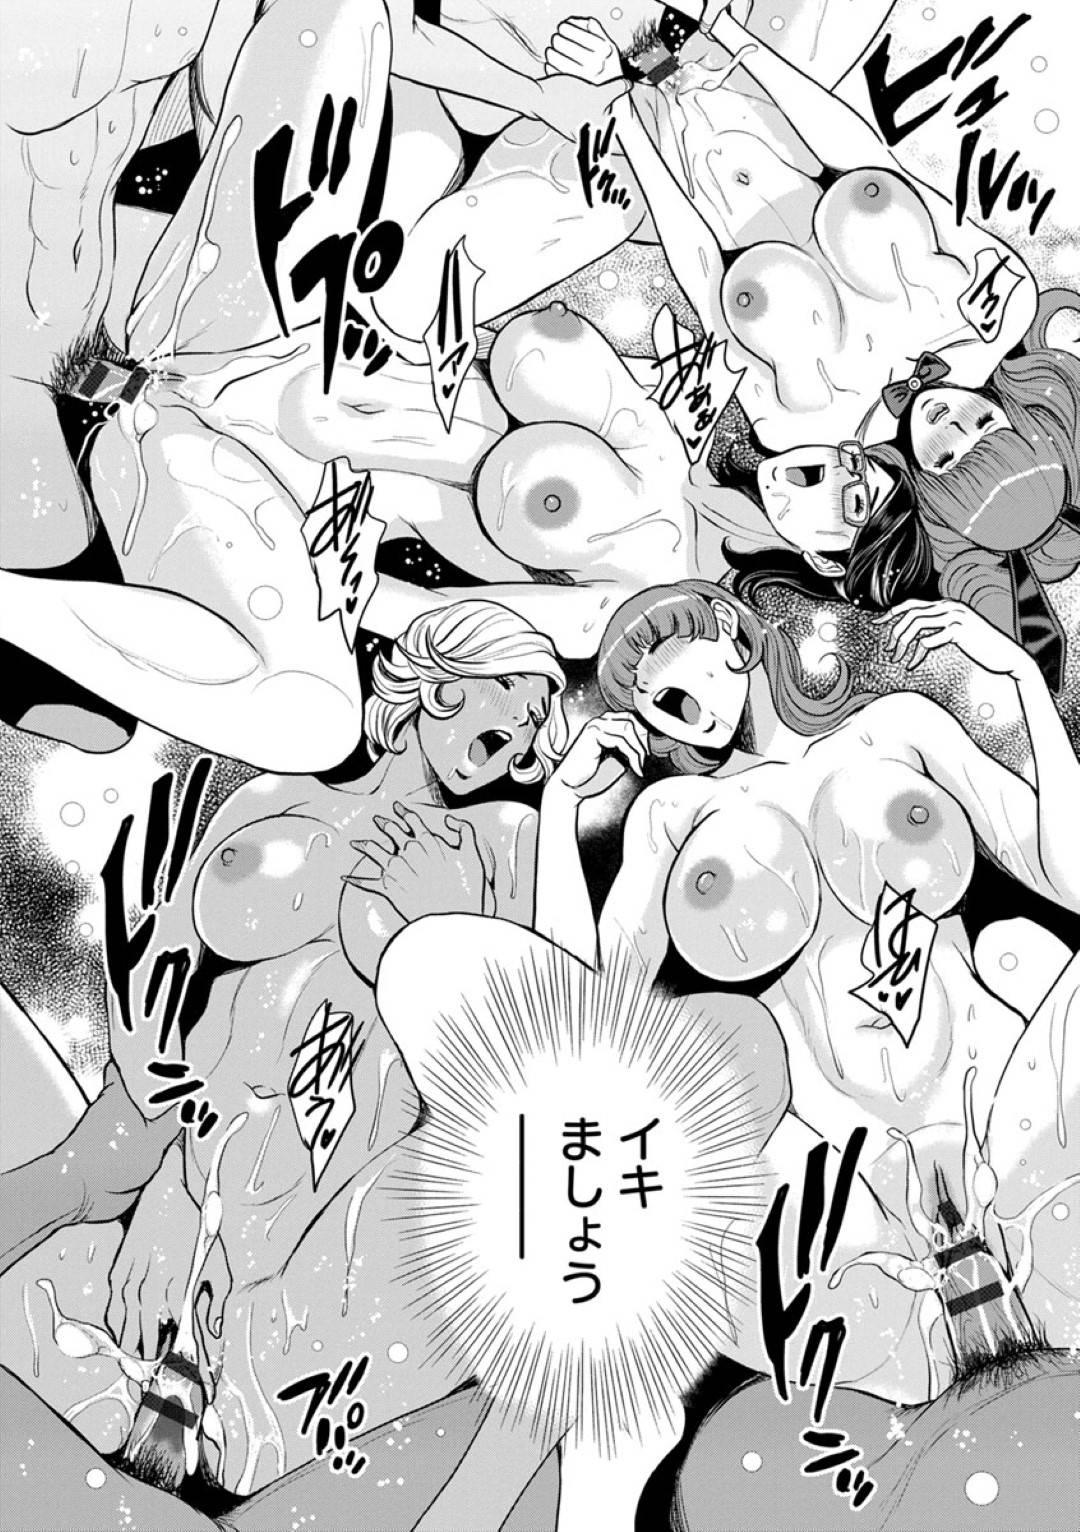 【エロ漫画】デパート社内の乱交パーティーに参加した社員のお姉さん達。全裸になった彼女たちは若い社員たちに取り囲まれてクンニや乳首舐めされたりし、フェラや手コキで次々と勃起チンポをご奉仕しまくる!更にはその後、ドMな専務の男に玉舐めやフェラ、アナル責めなどハーレムプレイを施したりとやりたい放題する。